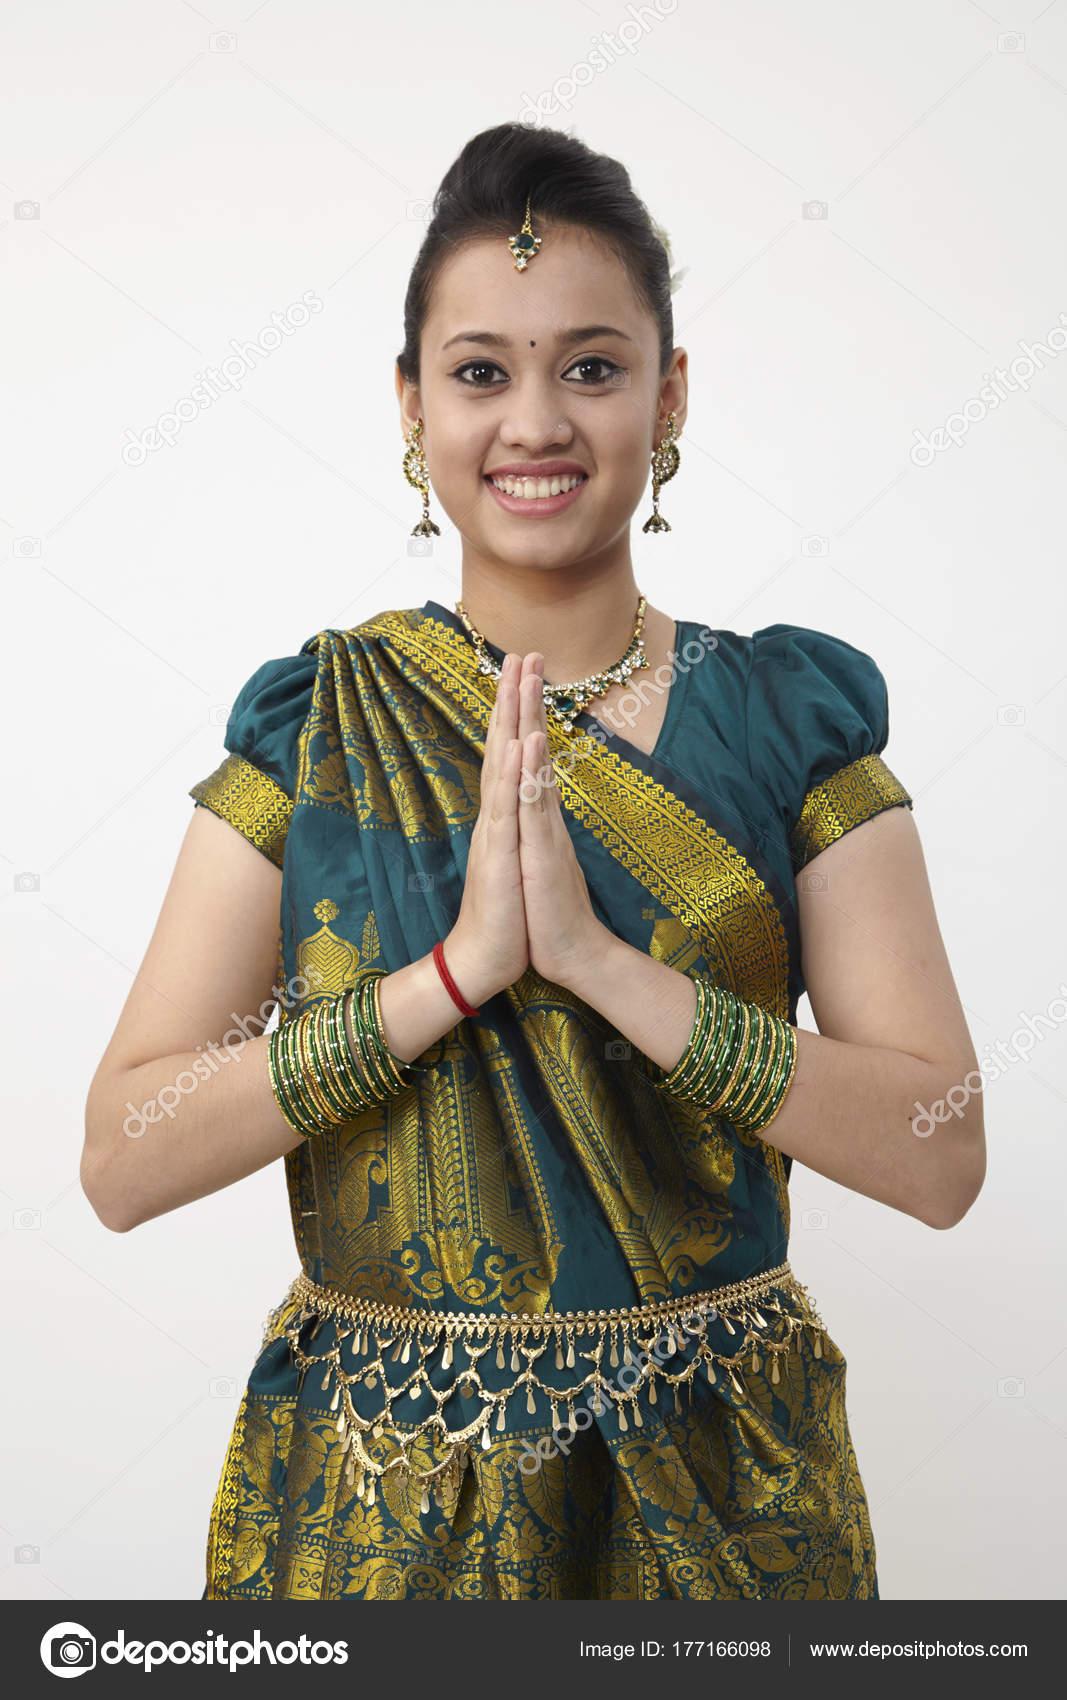 Malajská indická dívka